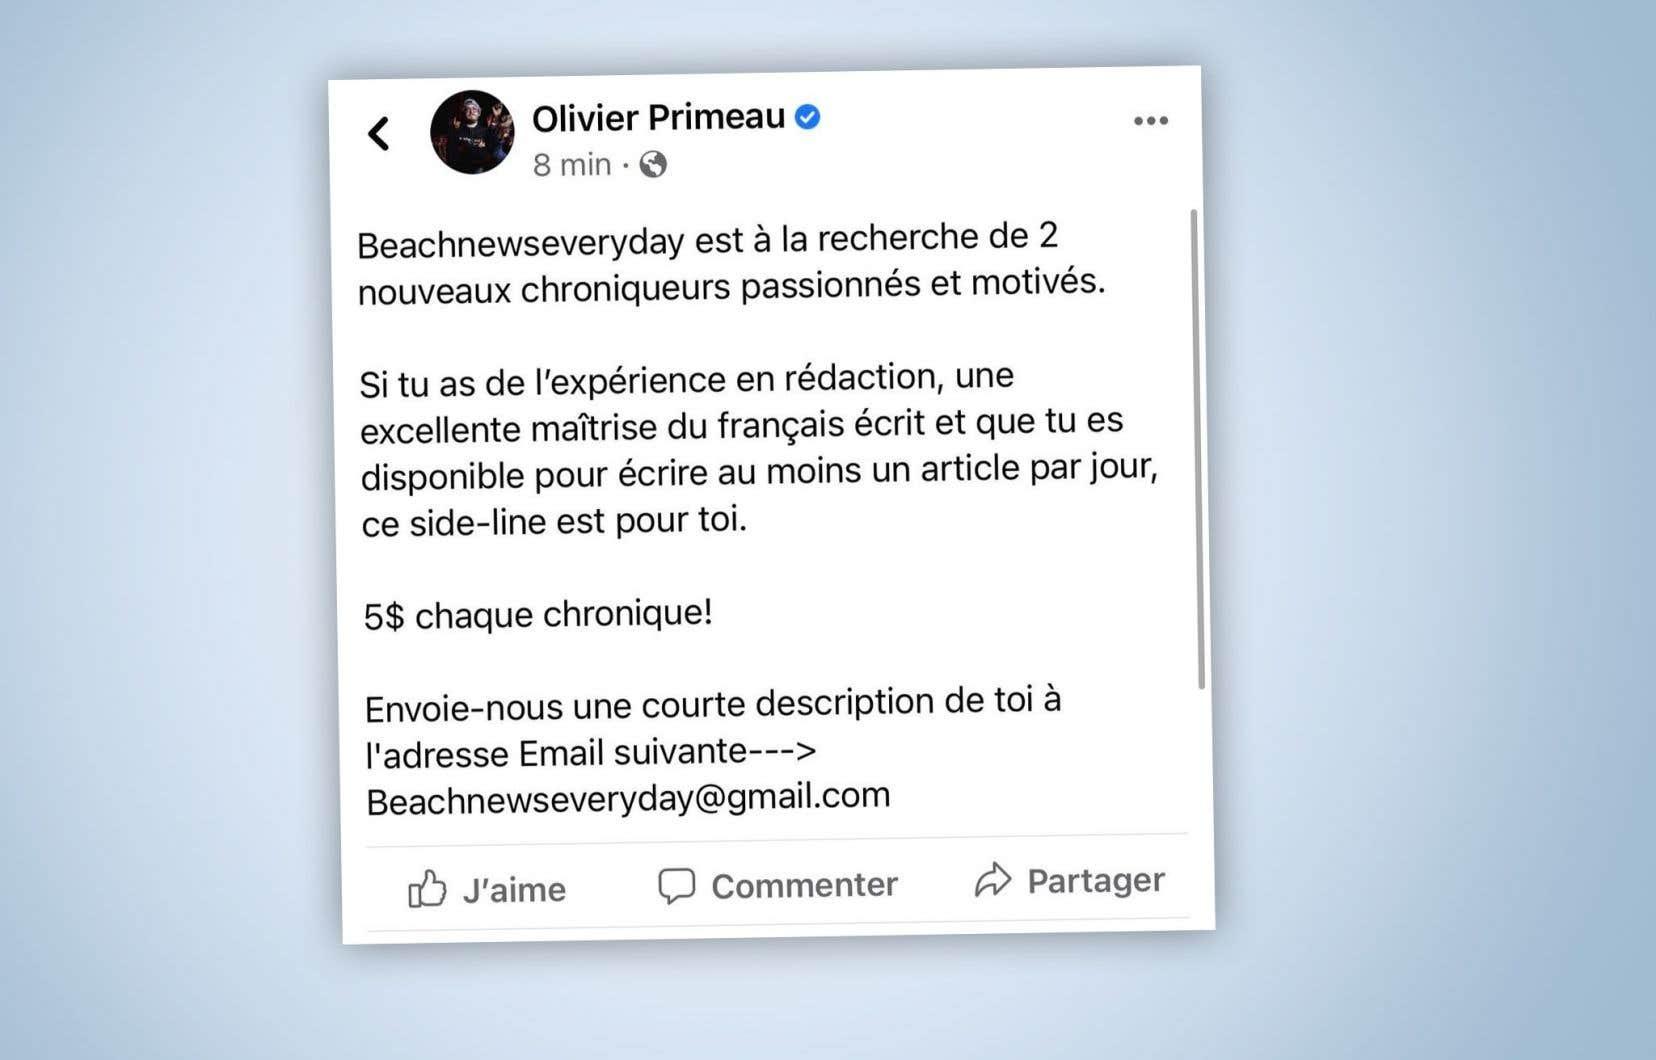 «Si tu as de l'expérience en rédaction, une excellente maîtrise du français et que tu es disponible pour écrire au moins un article par jour, ce side-line est pour toi. 5 $ chaque chronique!» est-il écrit dans l'offre d'emploi diffusée sur les réseaux sociaux par Olivier Primeau vendredi matin.